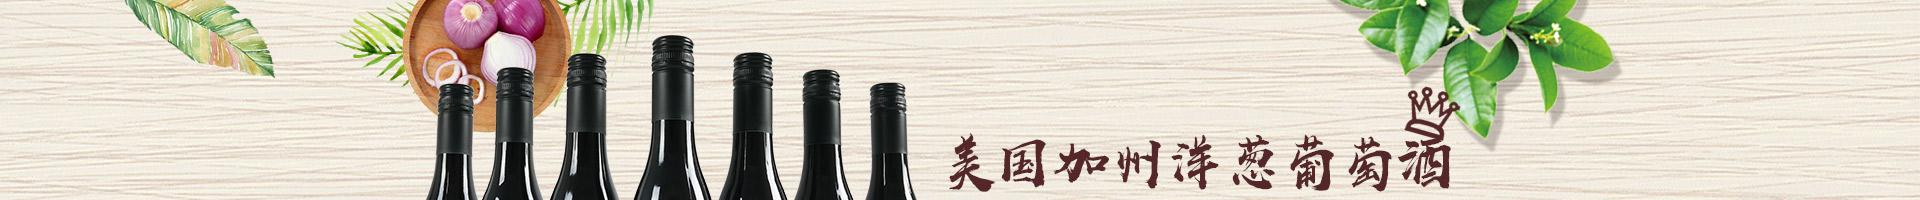 香港金利酒业有限公司